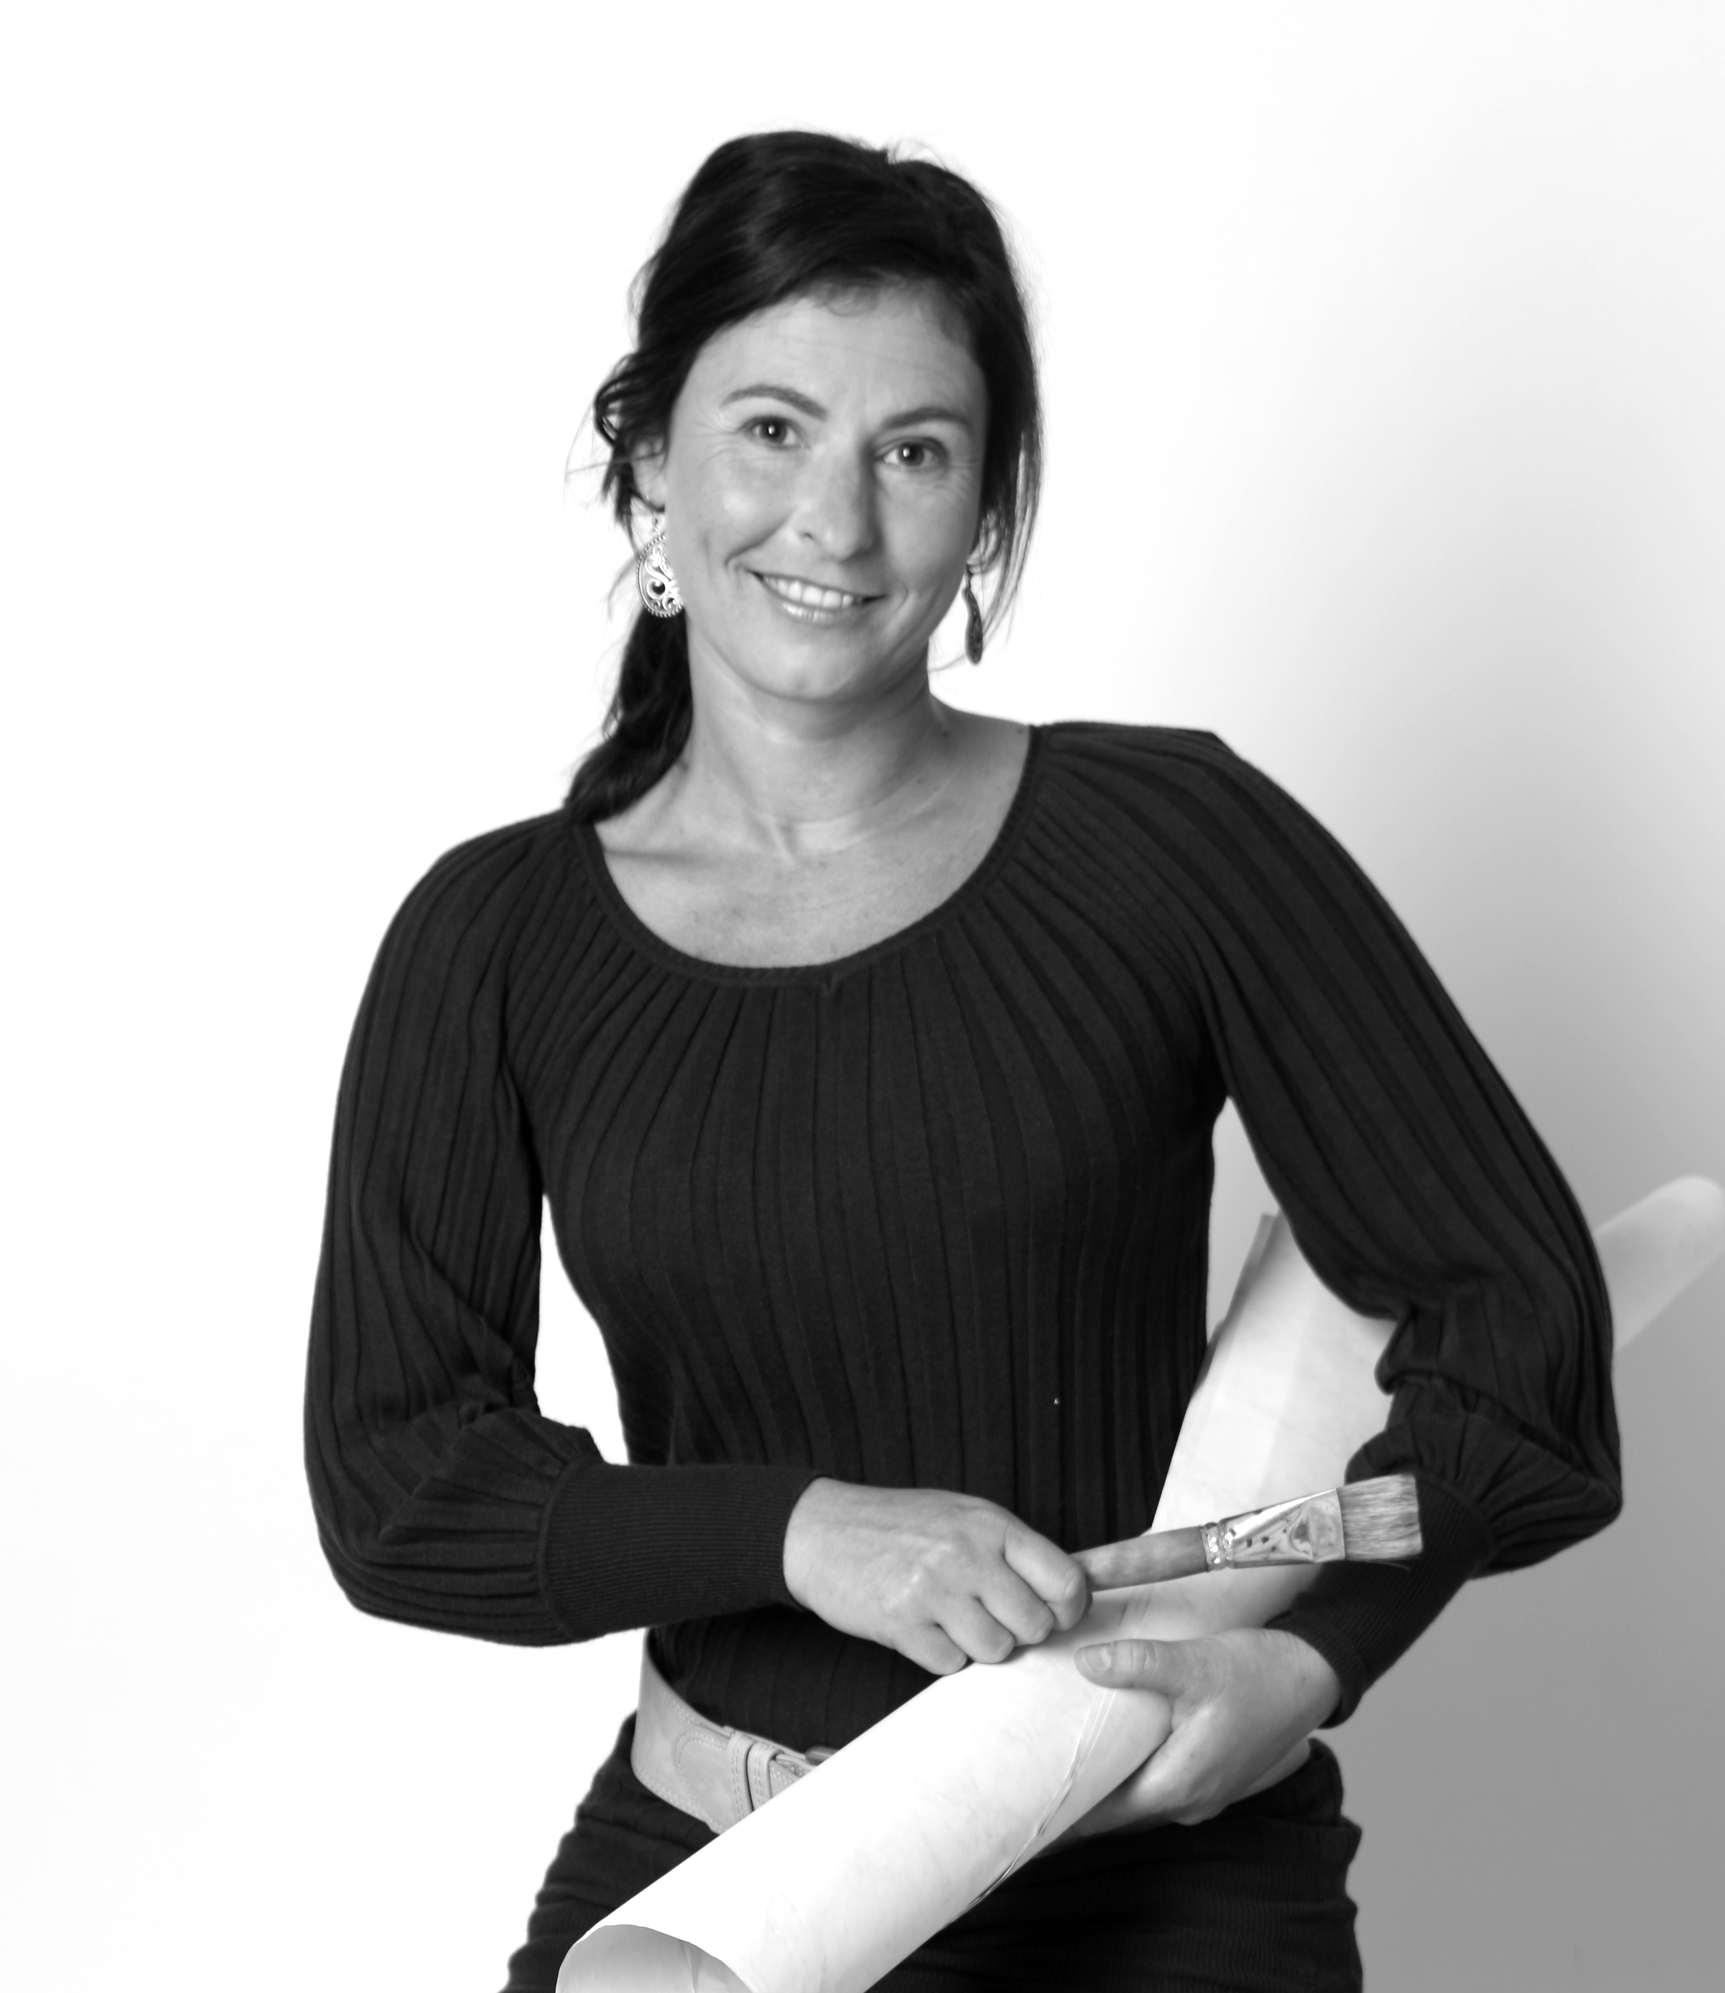 Unsere Dozentin Melanie Fehring-Schlatt